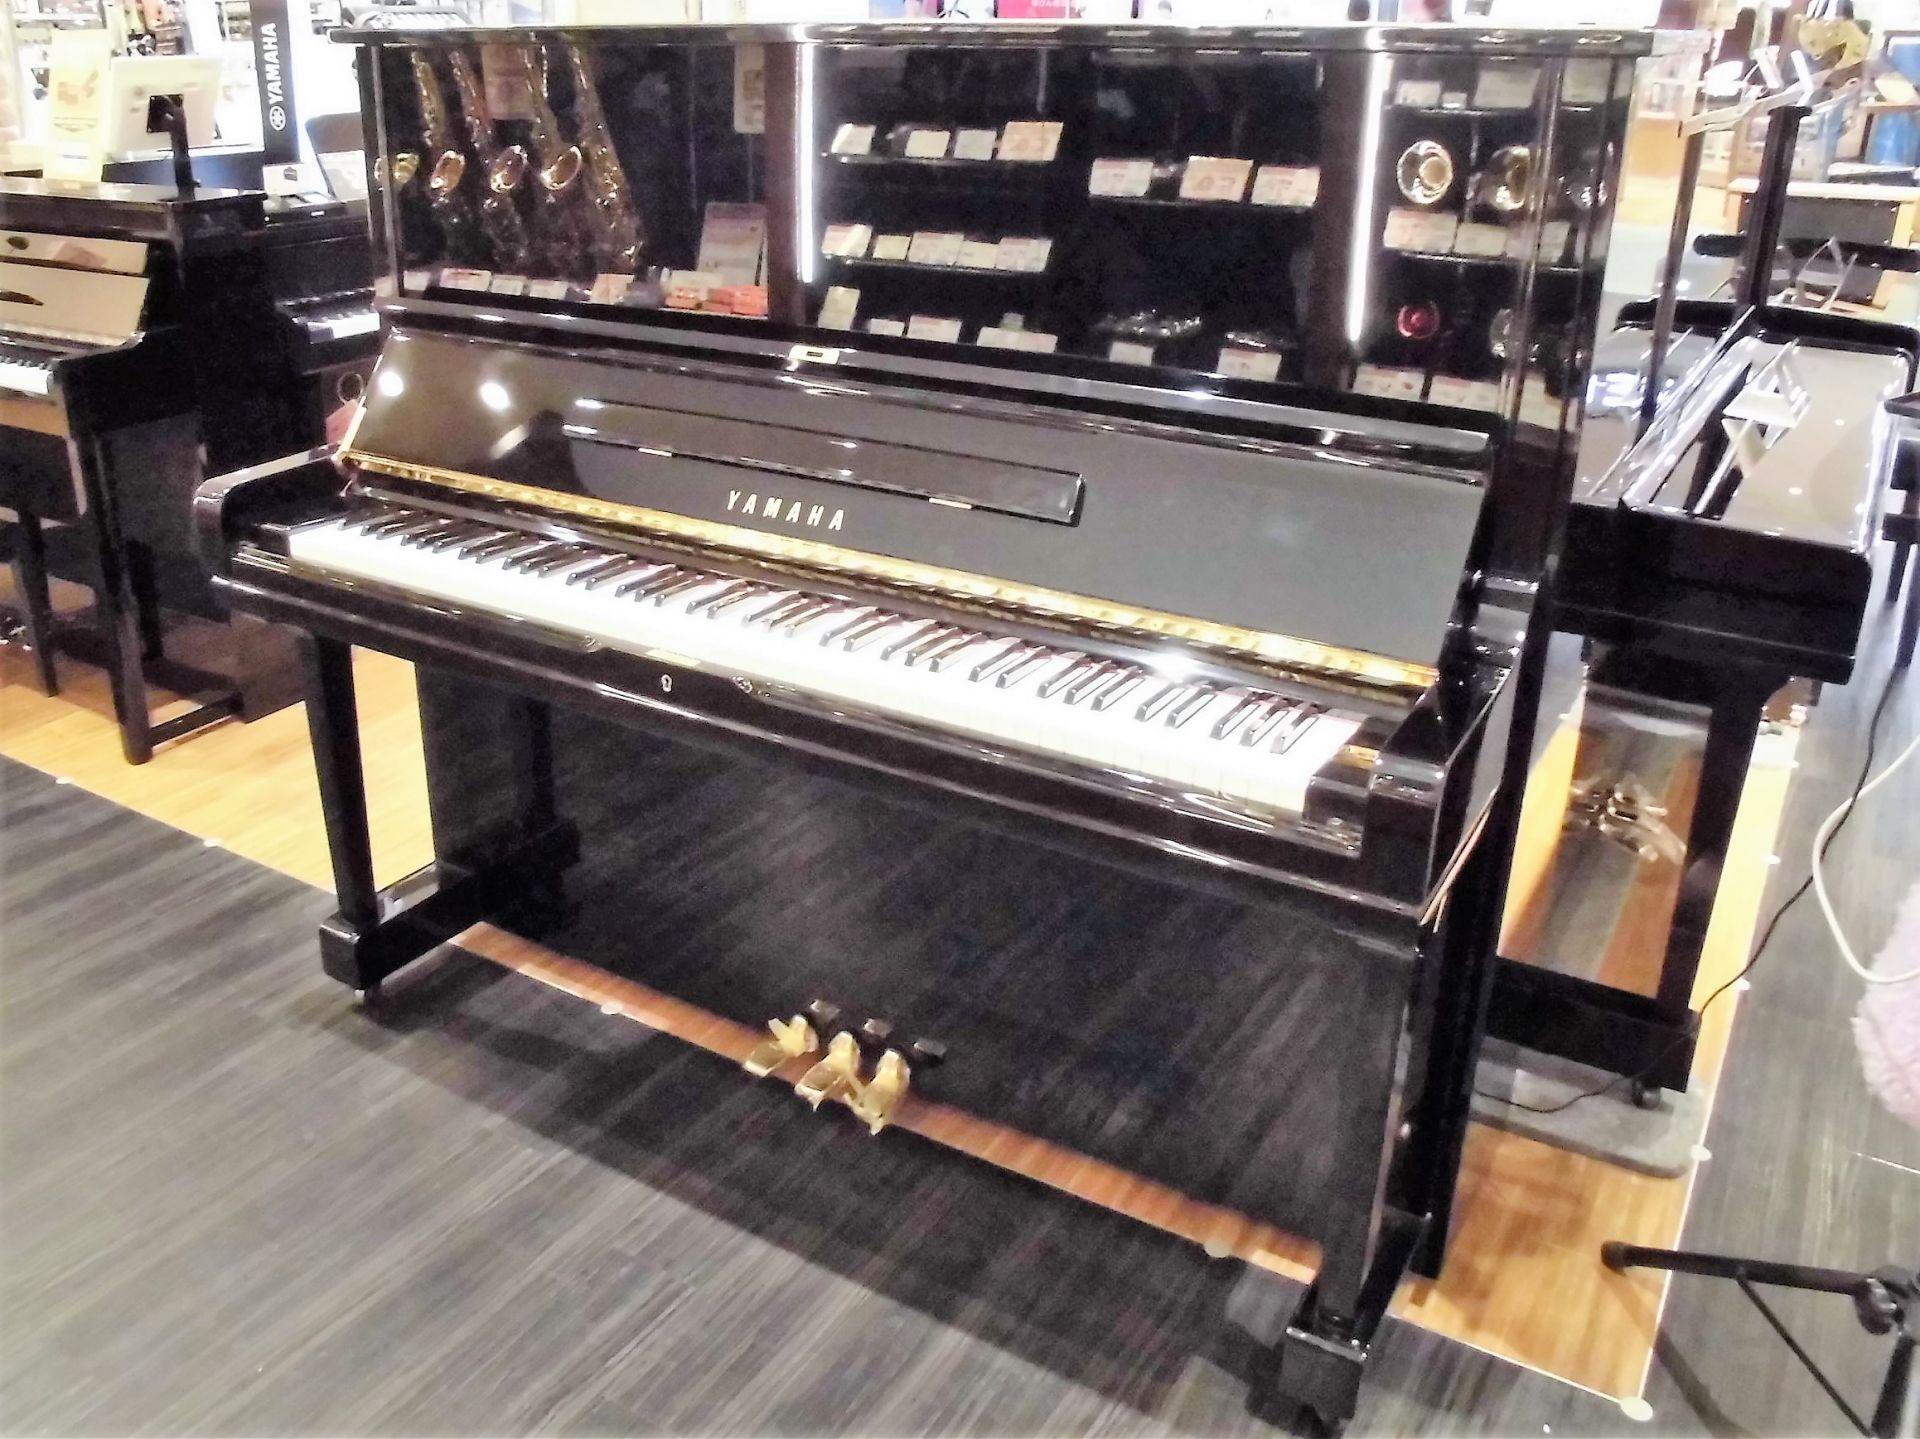 YAMAHA中古アップライトピアノ U3H(OH) 島村楽器イオンモール長久手店